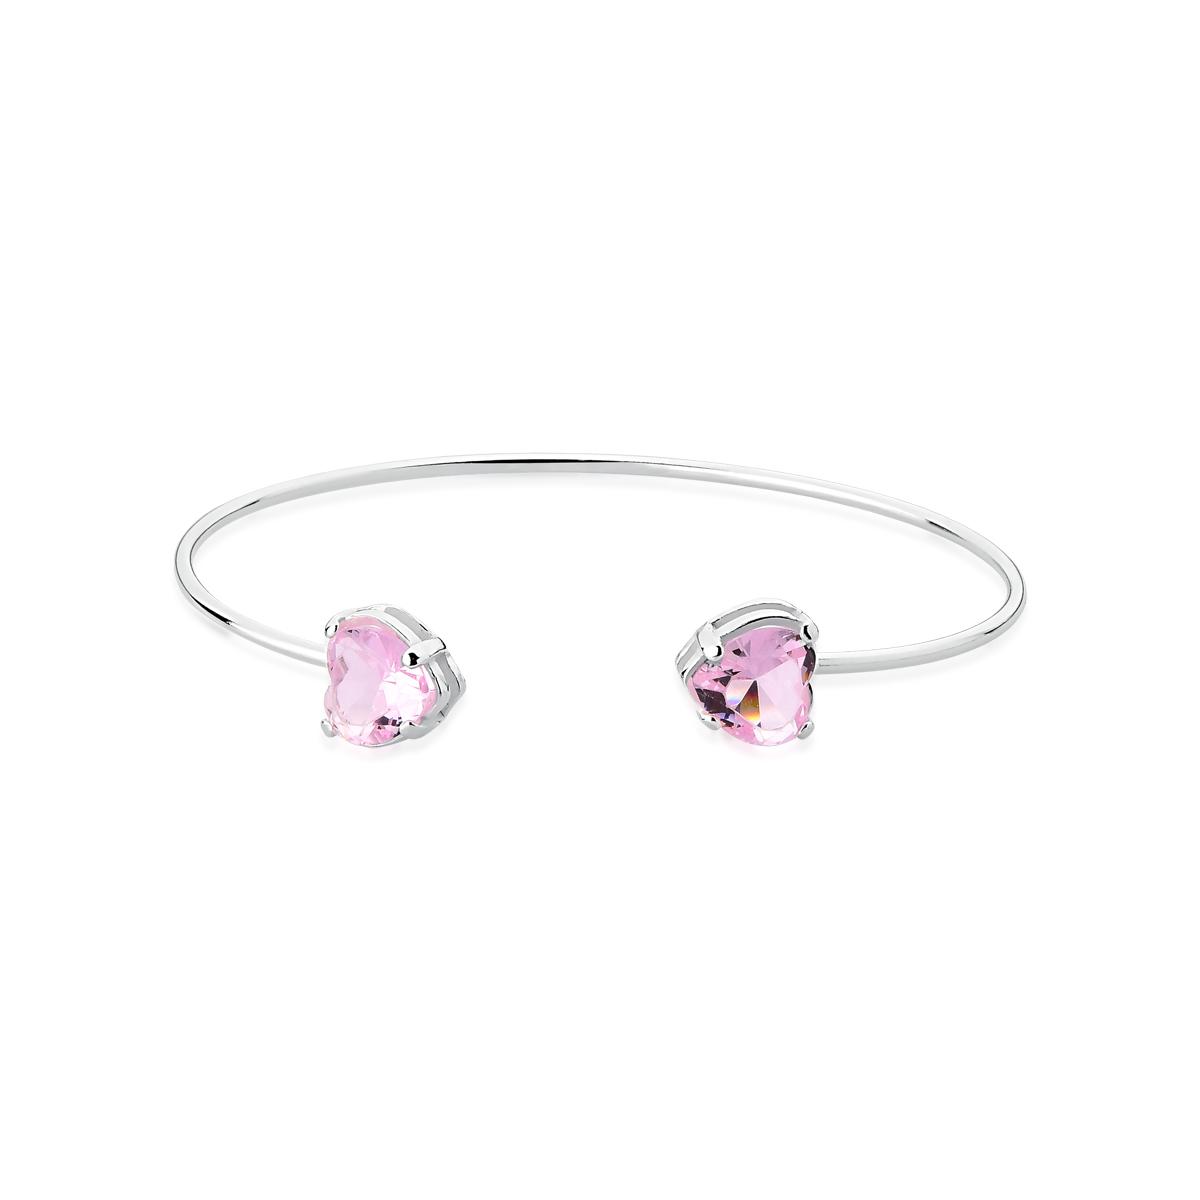 Bracelete Pedra Coração Rosa - Be Free